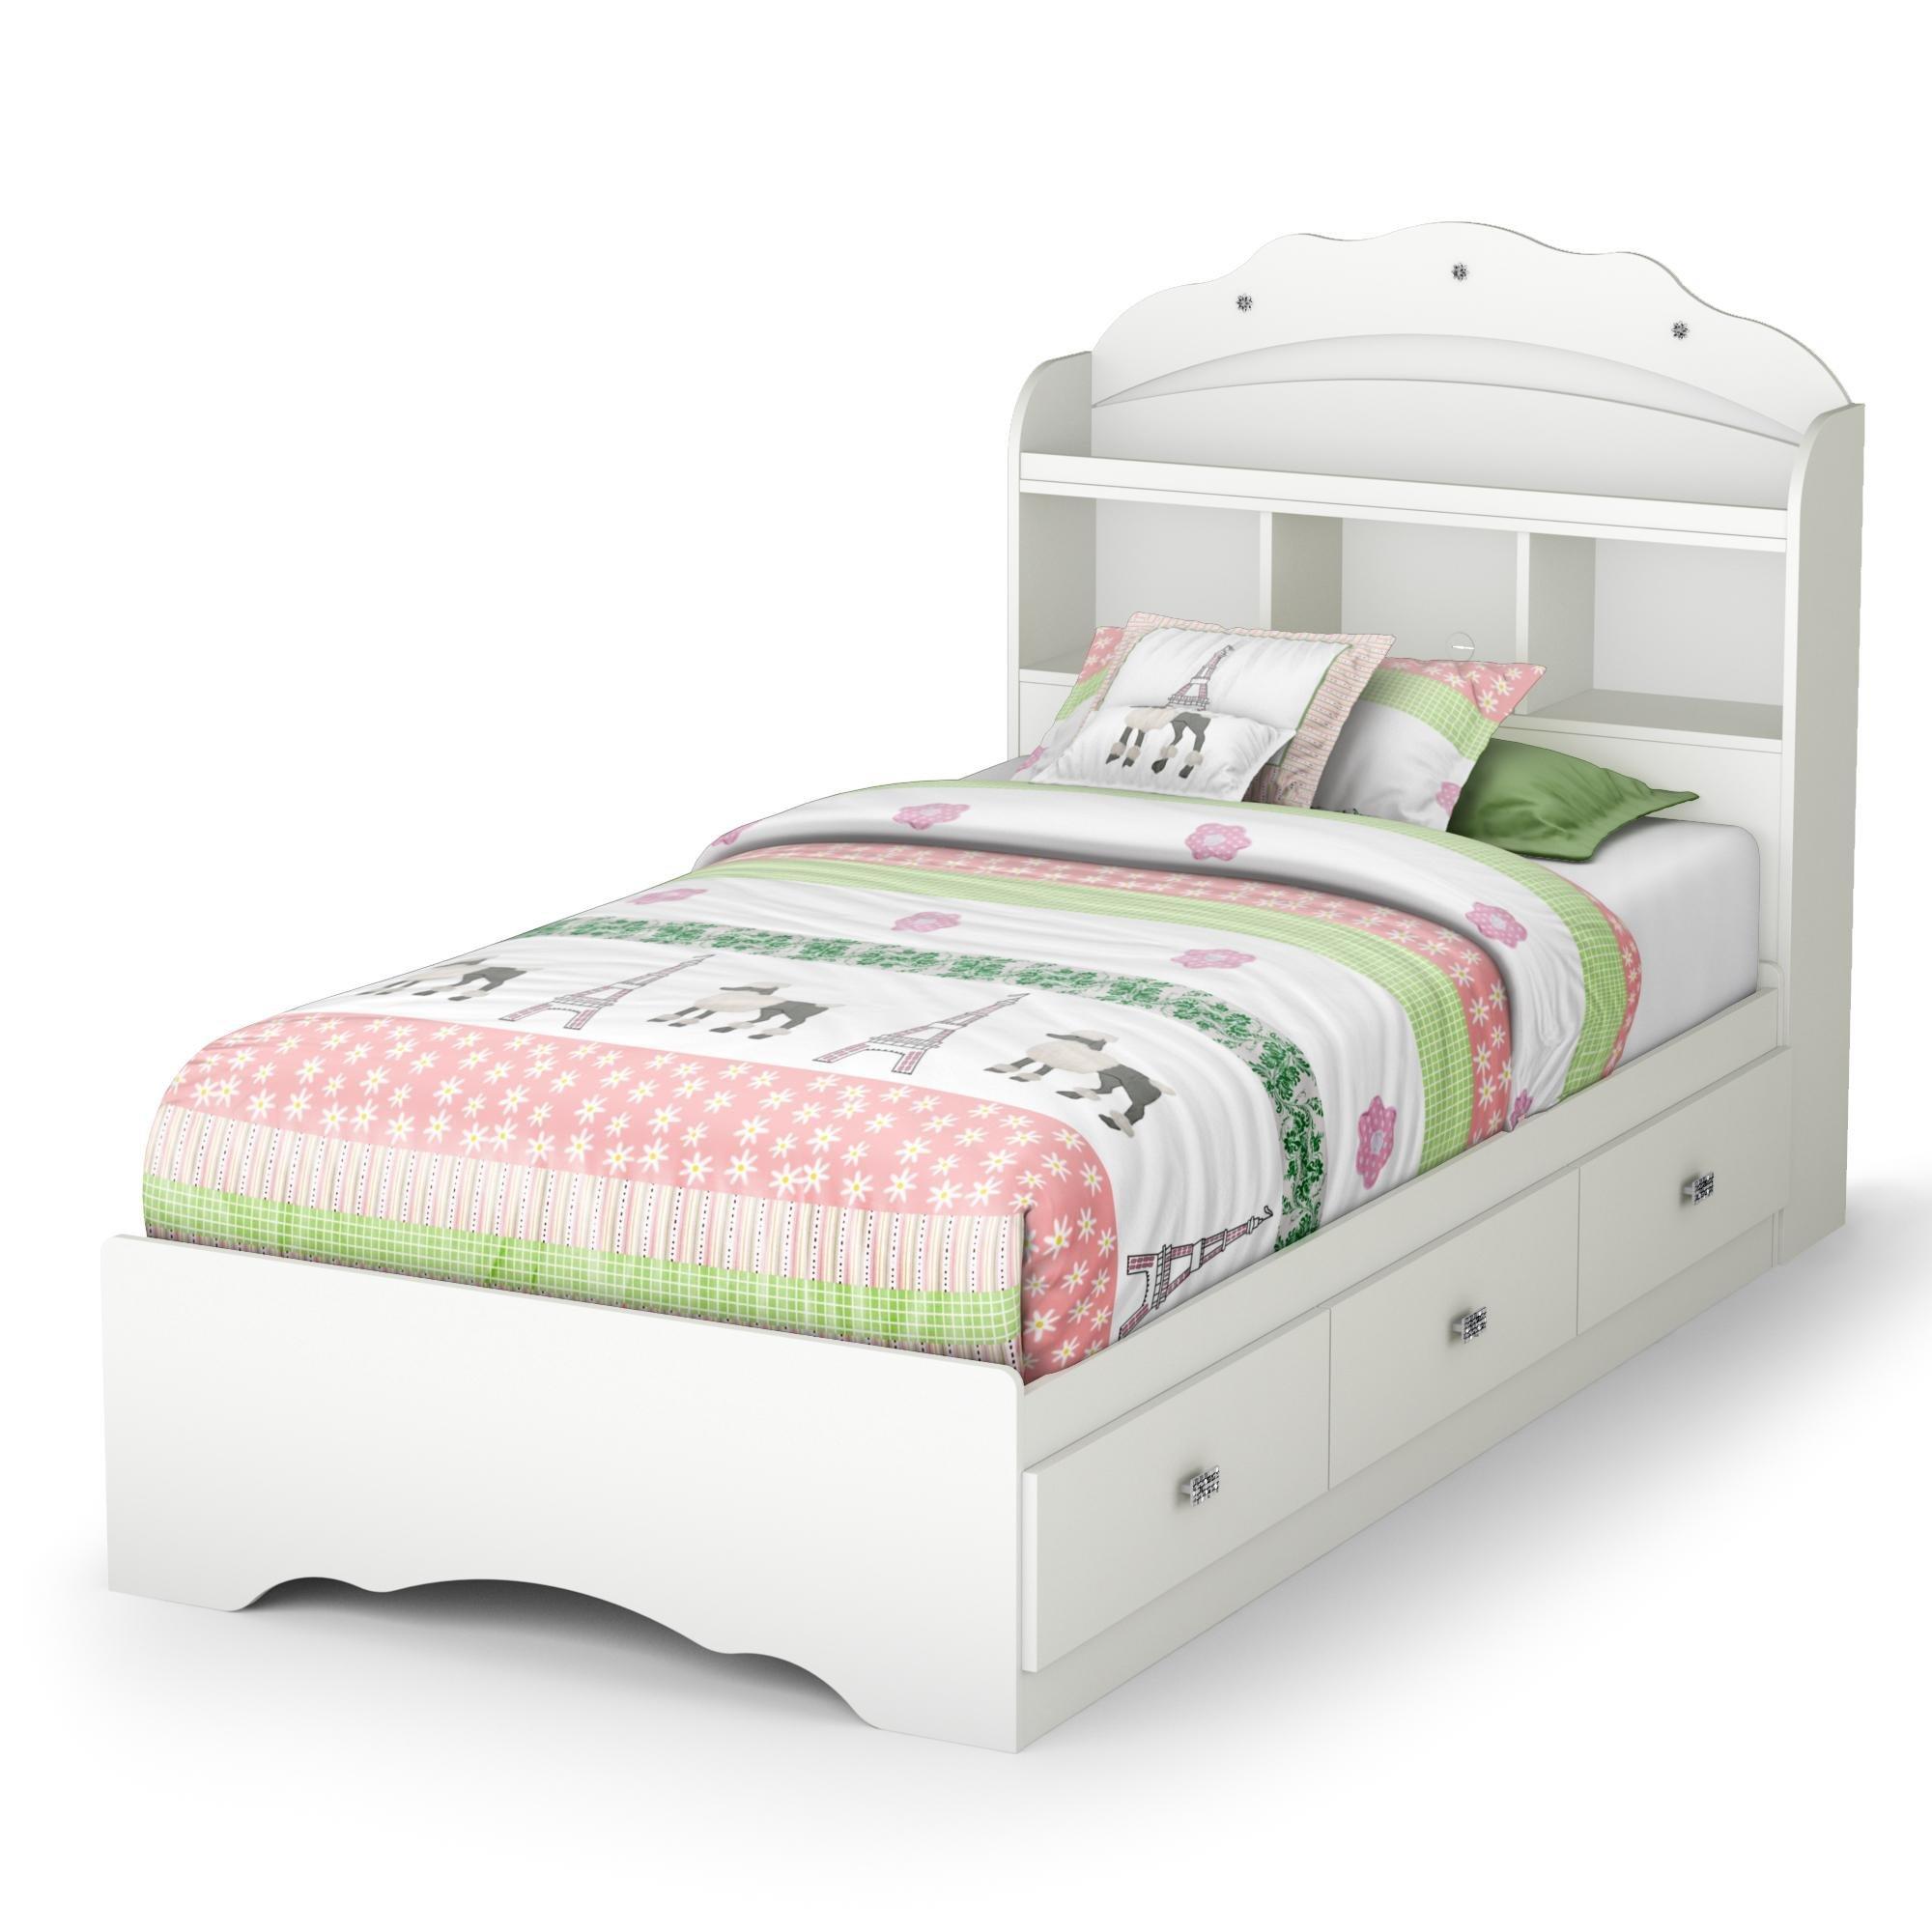 Tiara Twin Mate's Bed & Bookcase Headboard